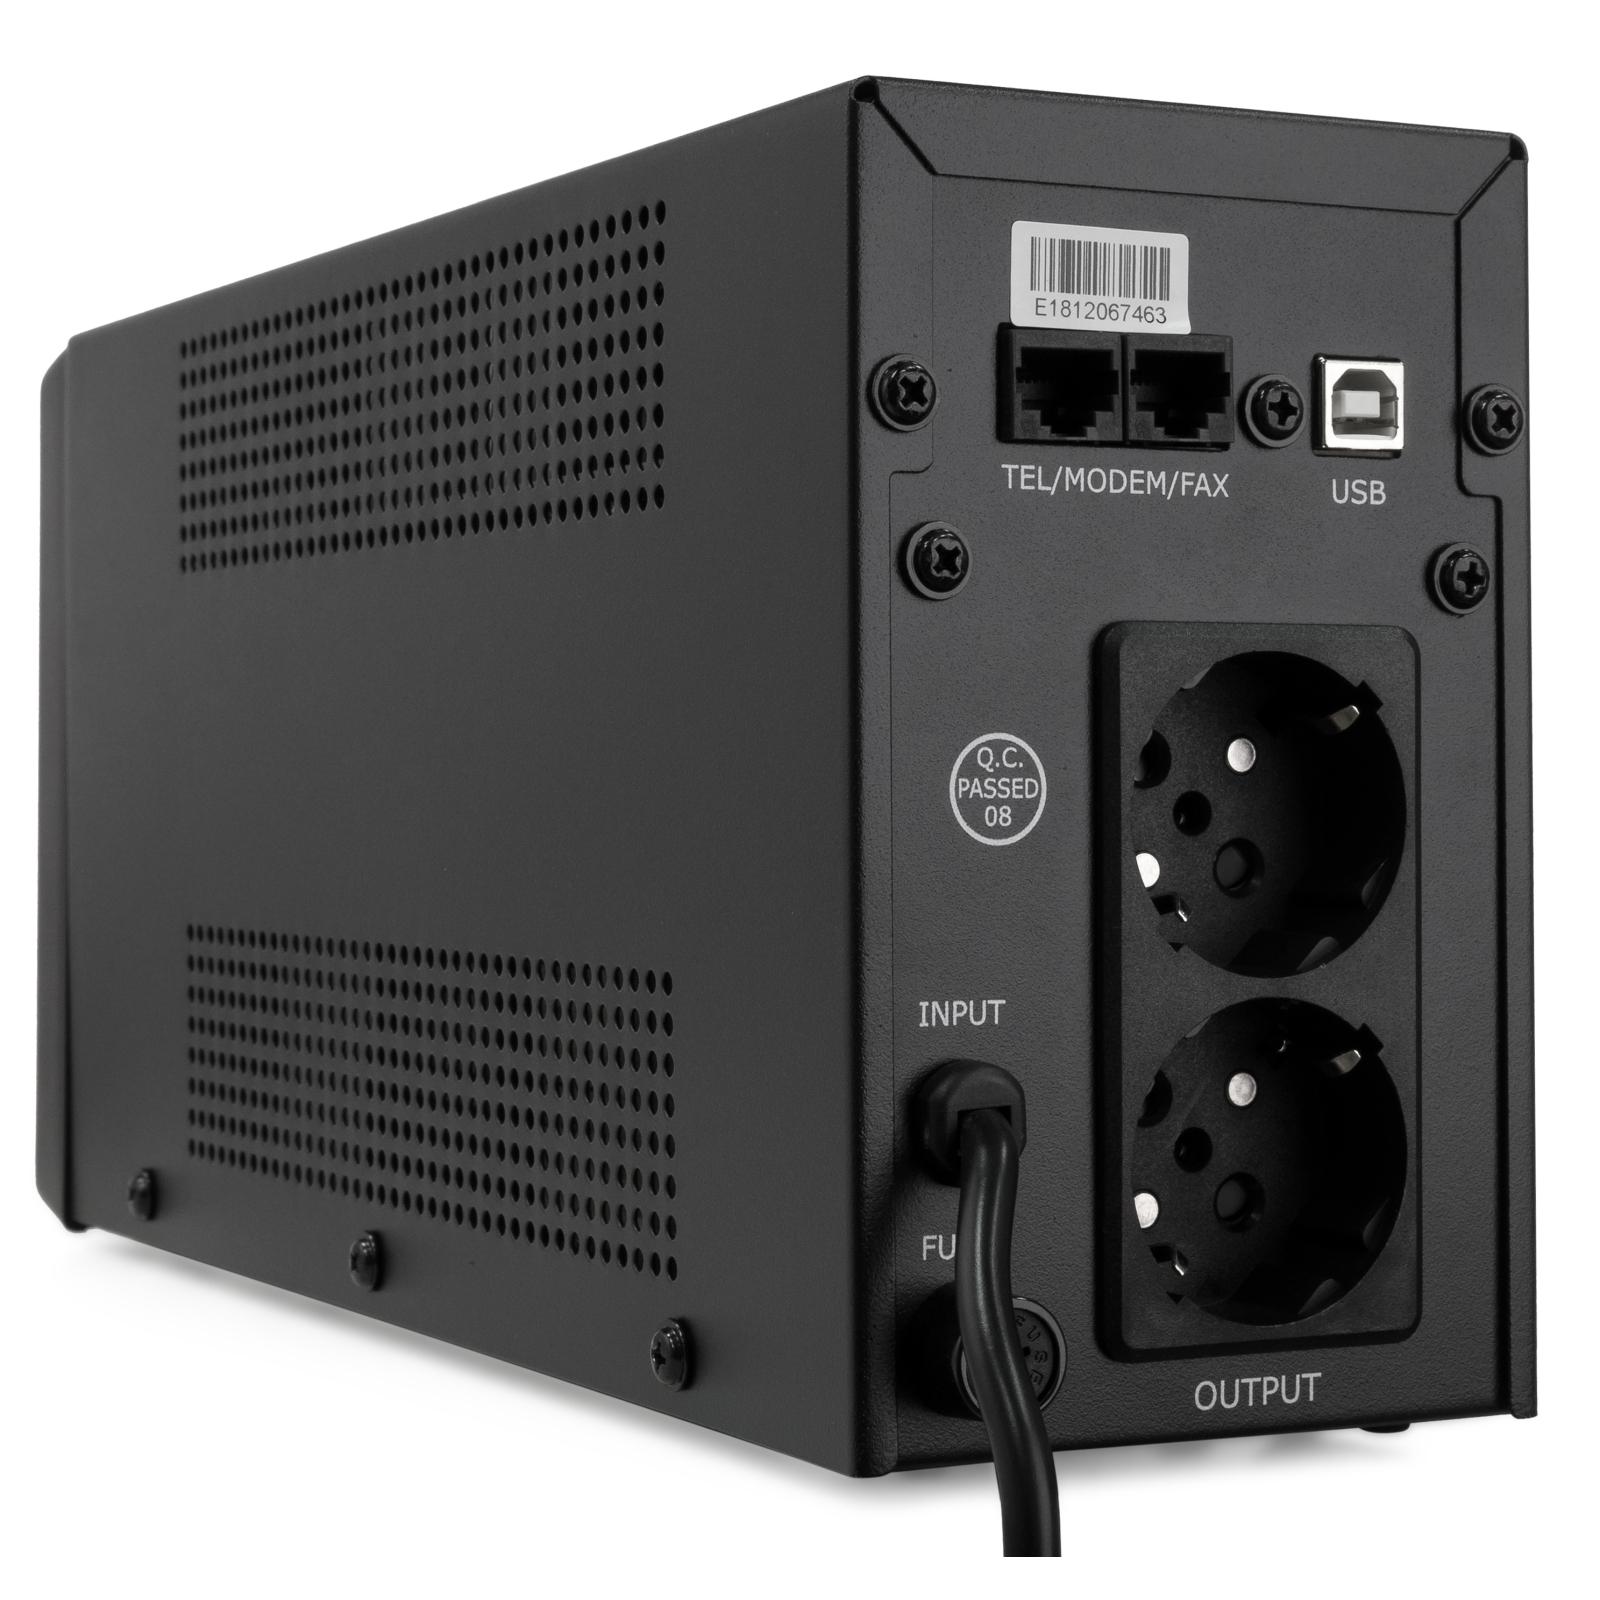 Источник бесперебойного питания Vinga LCD 600VA metal case with USB (VPC-600MU) изображение 5